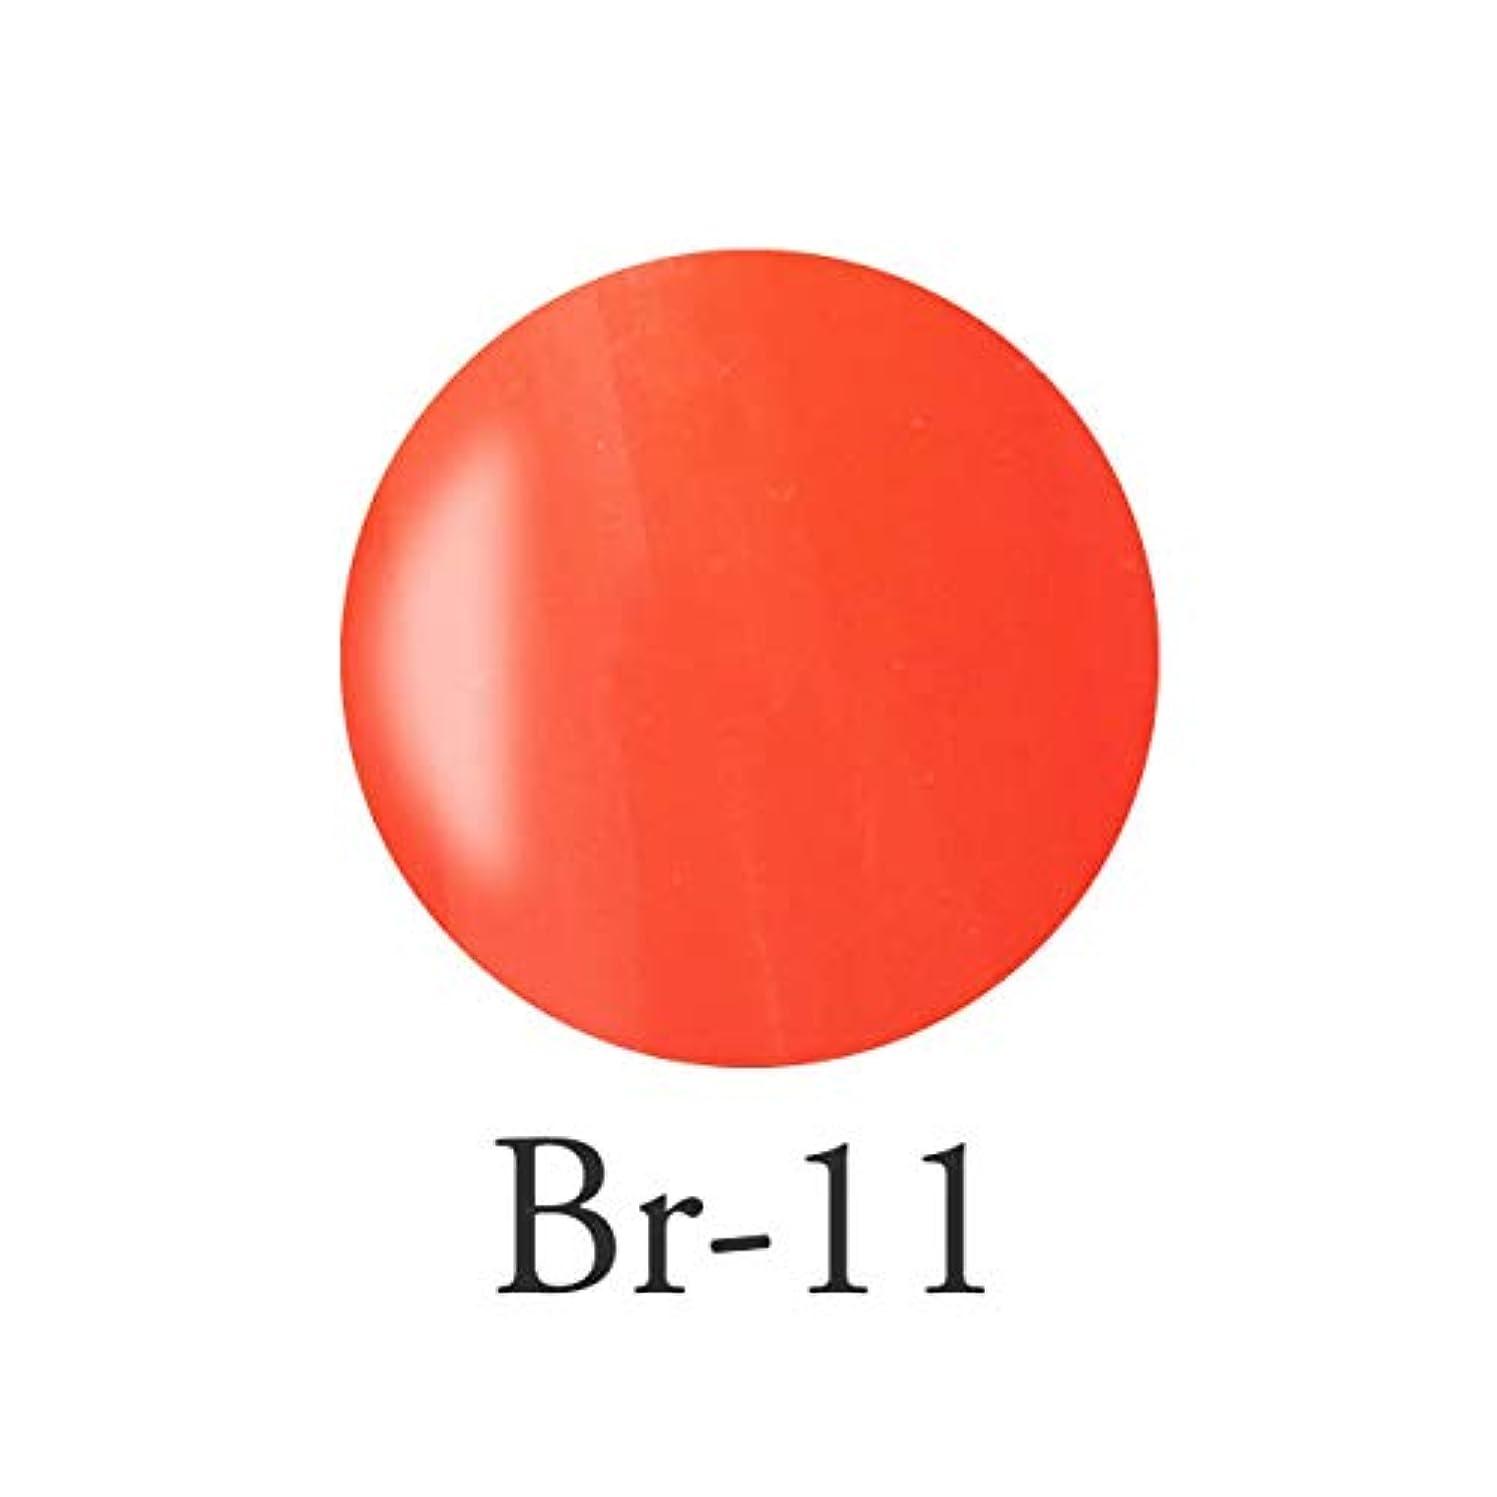 ブリリアント責任請求エンジェル クィーンカラージェル コロンブオレンジ Br-11 3g